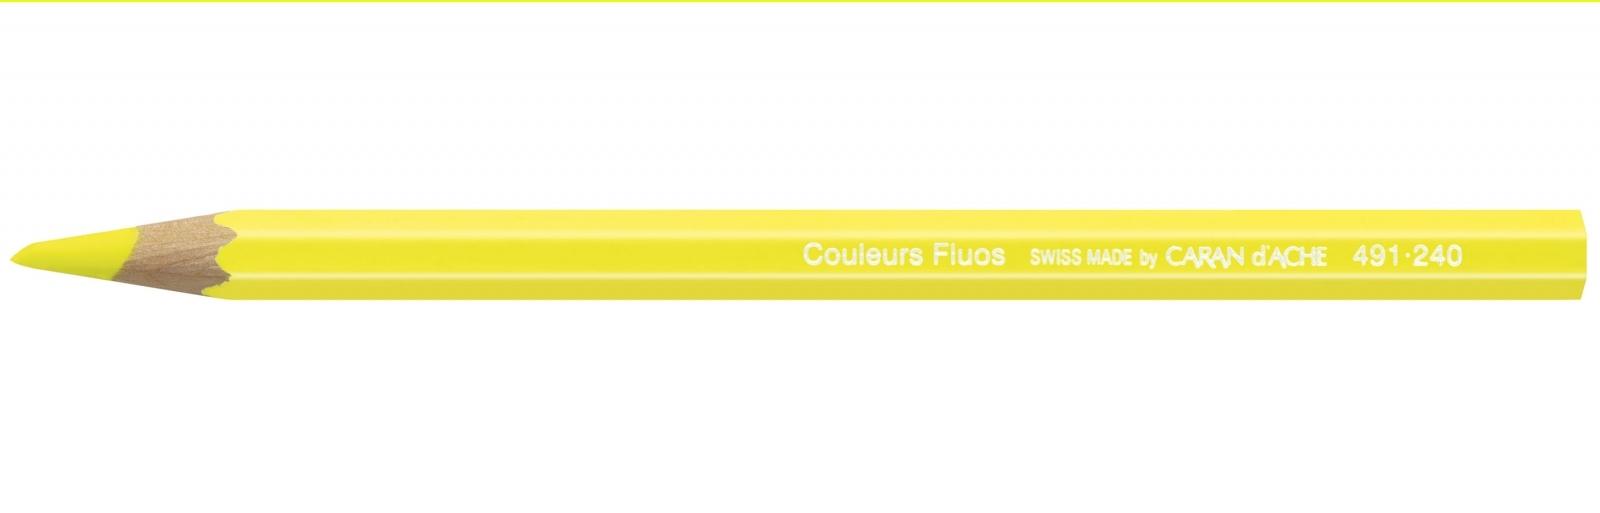 Lápis Maxi Jumbo Fluorescente Carandache 491 240 Amarelo - Papelaria Botafogo